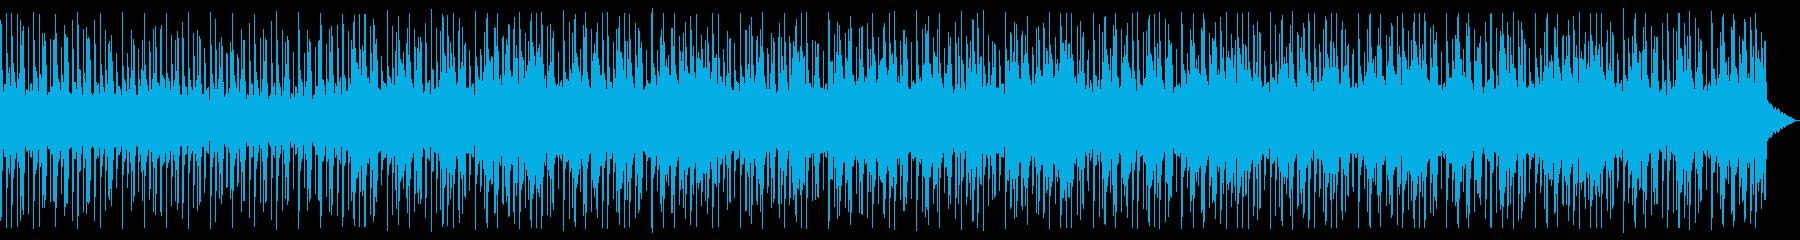 怪しいR&B_No676_1の再生済みの波形